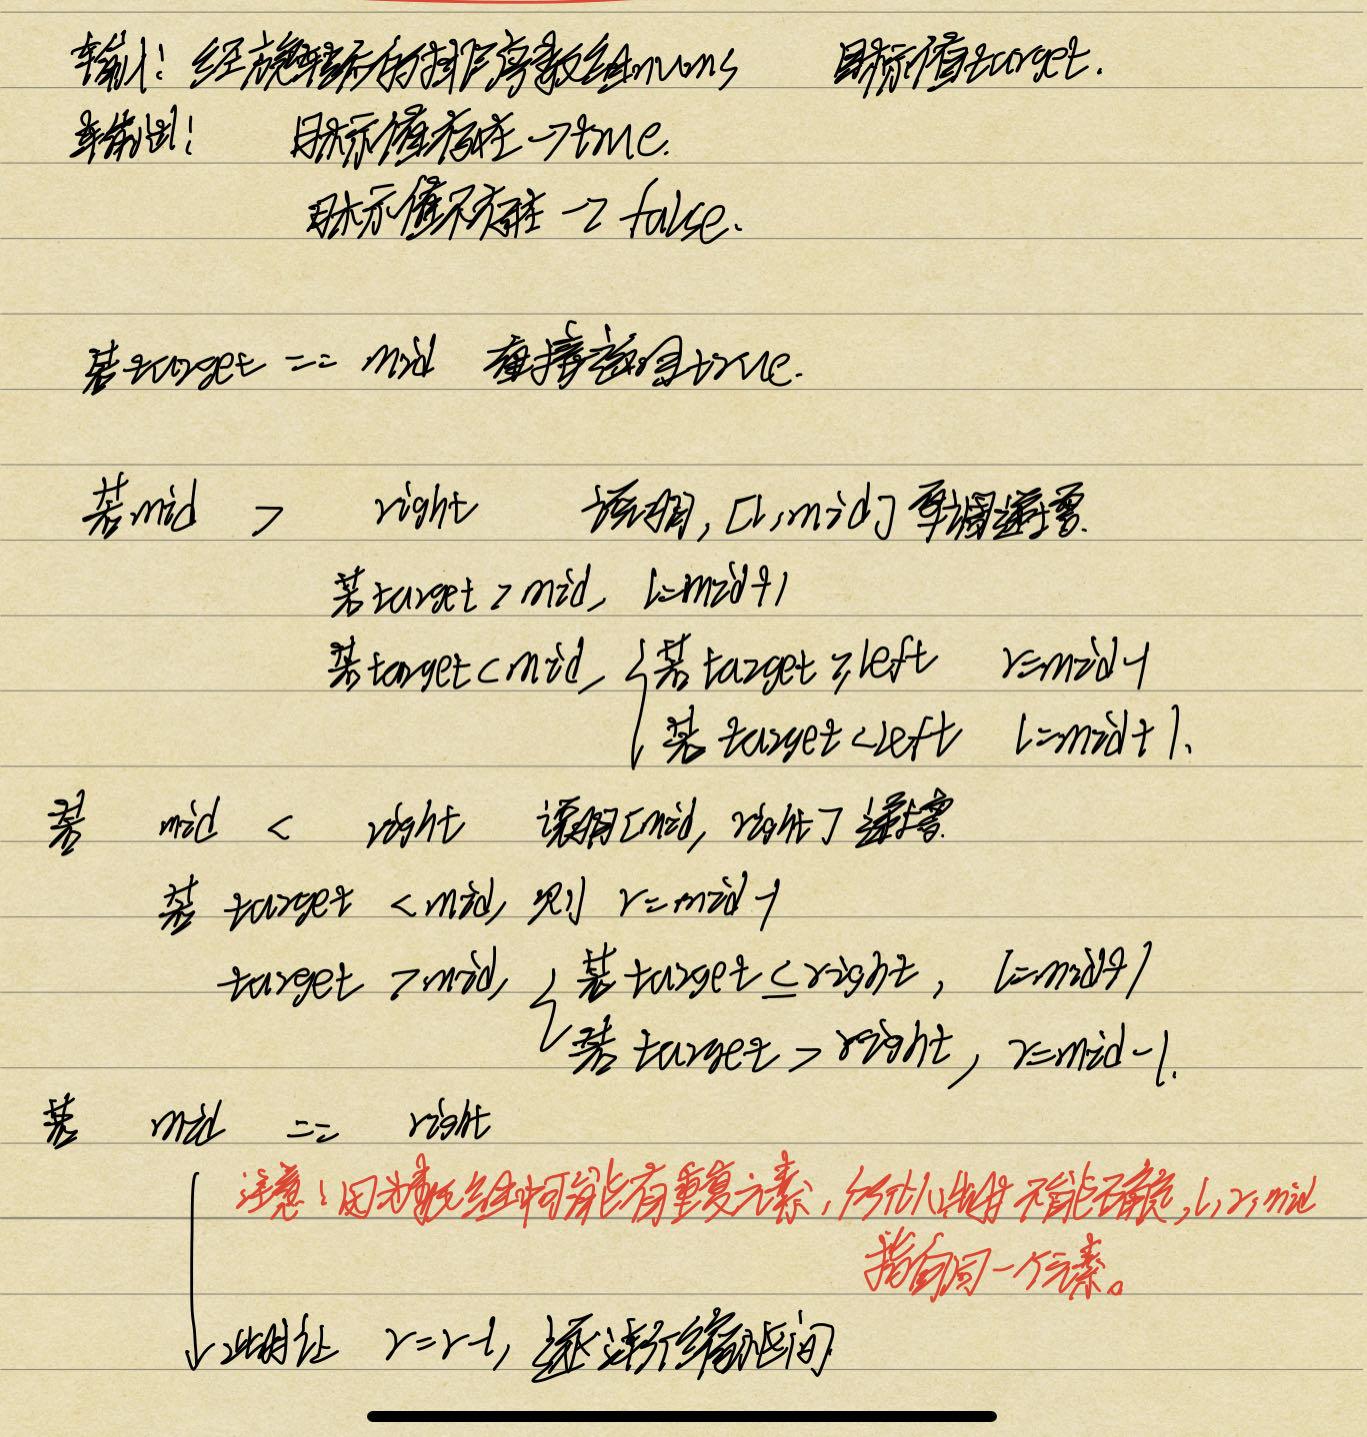 IMG_2D812A217949-1